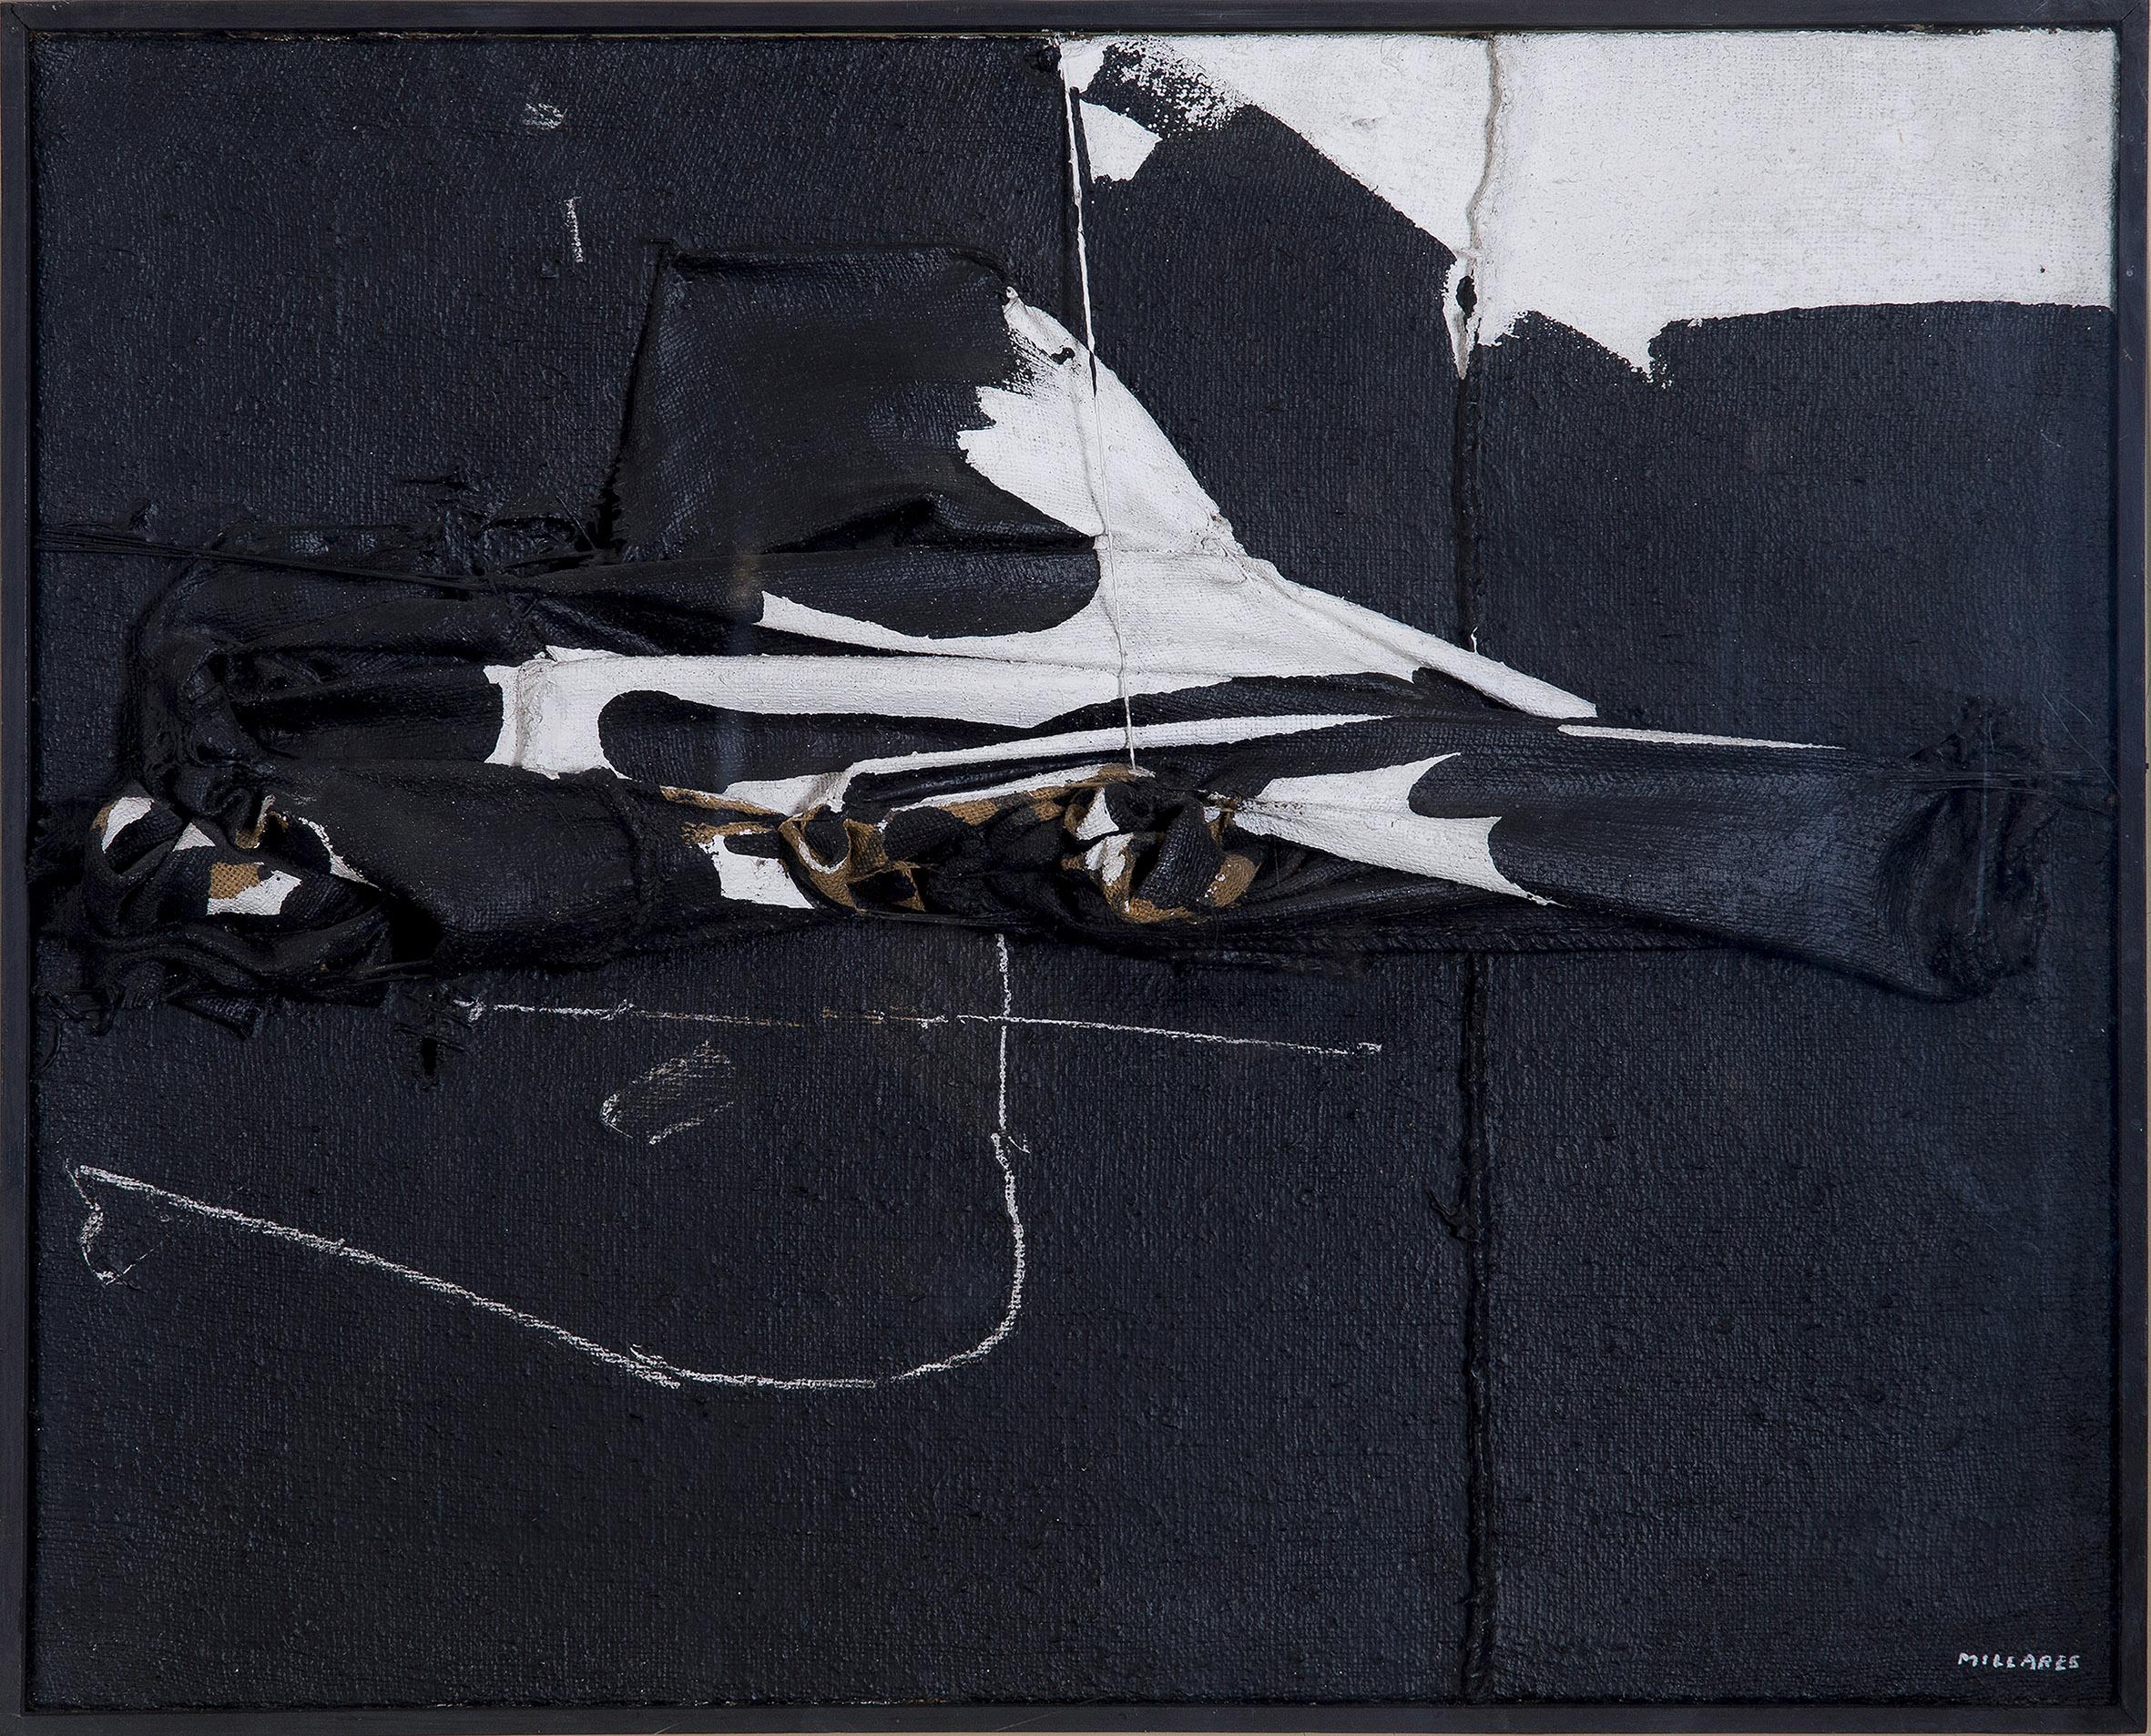 Manolo Millares. Humboldt en el Orinoco, 1968. Salida: 225.000 euros